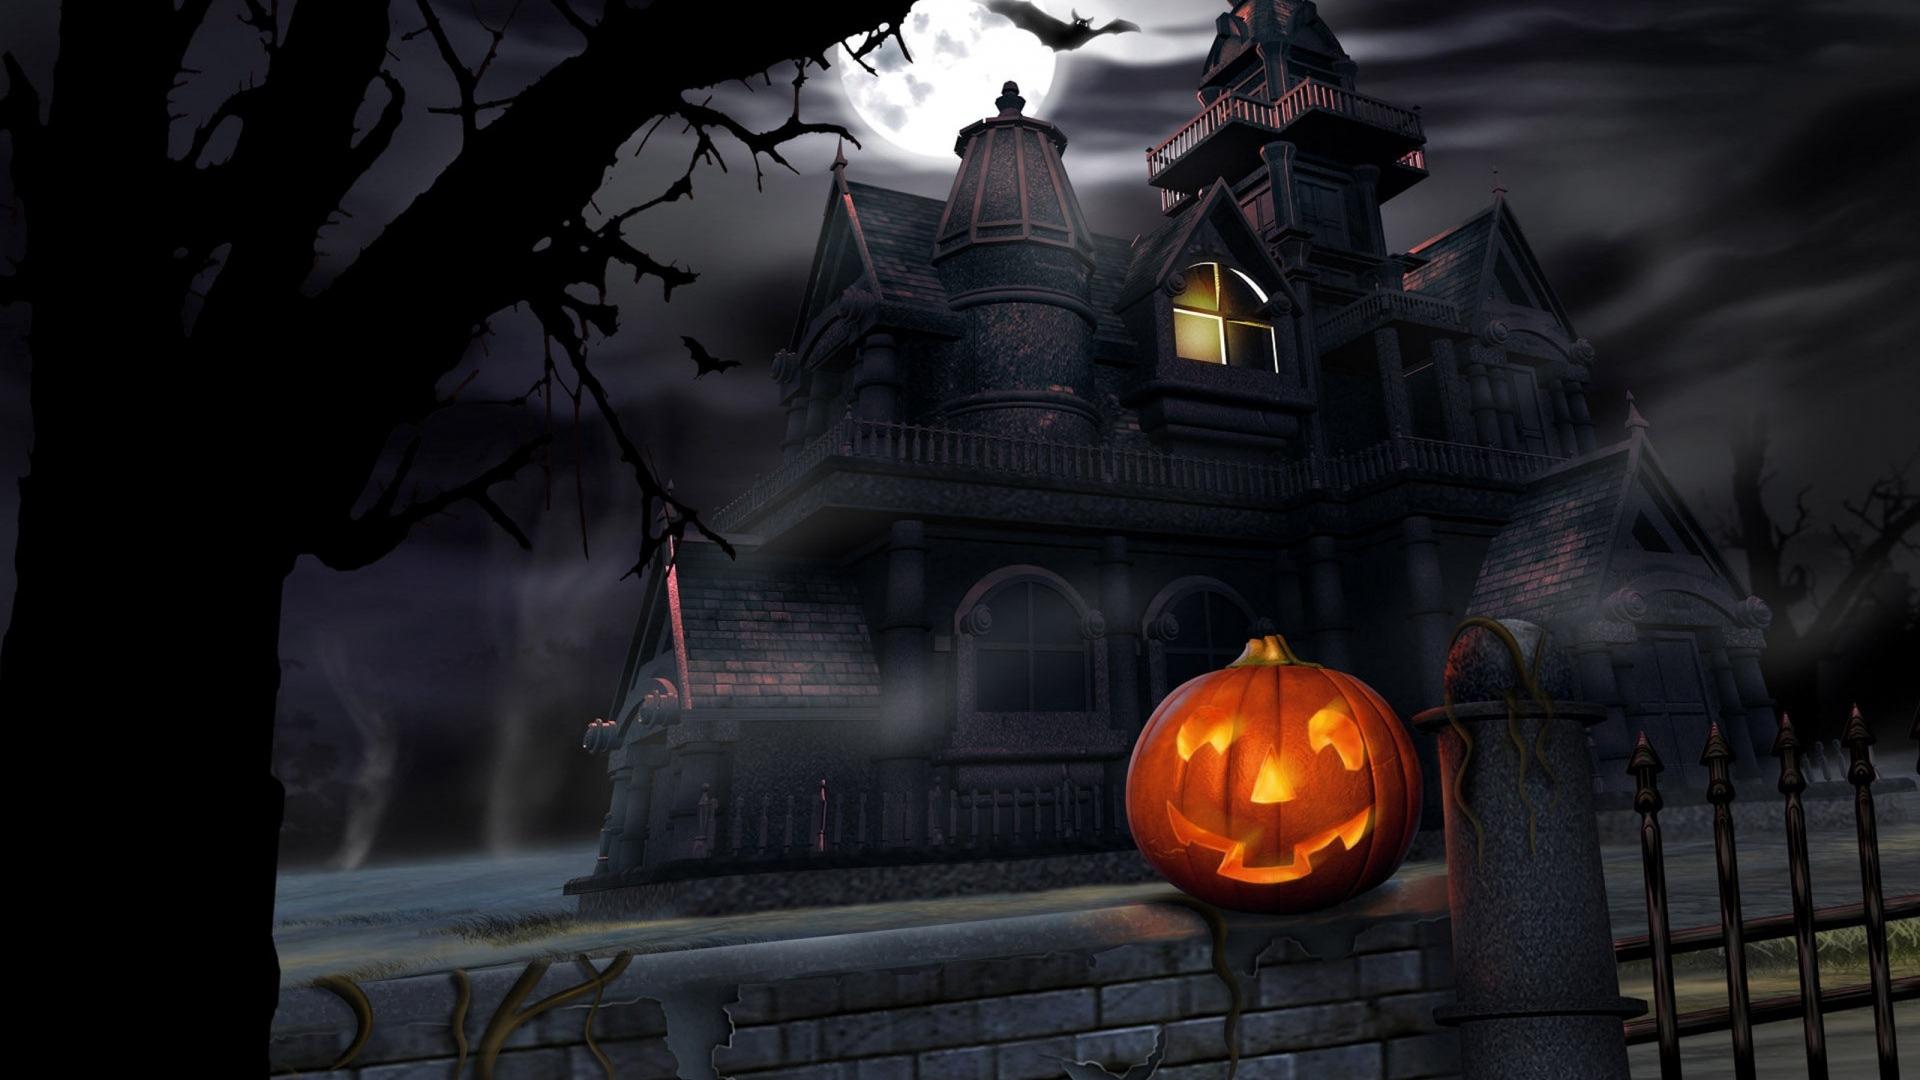 download wallpaper: Halloween pompoenlantaarn wallpaper